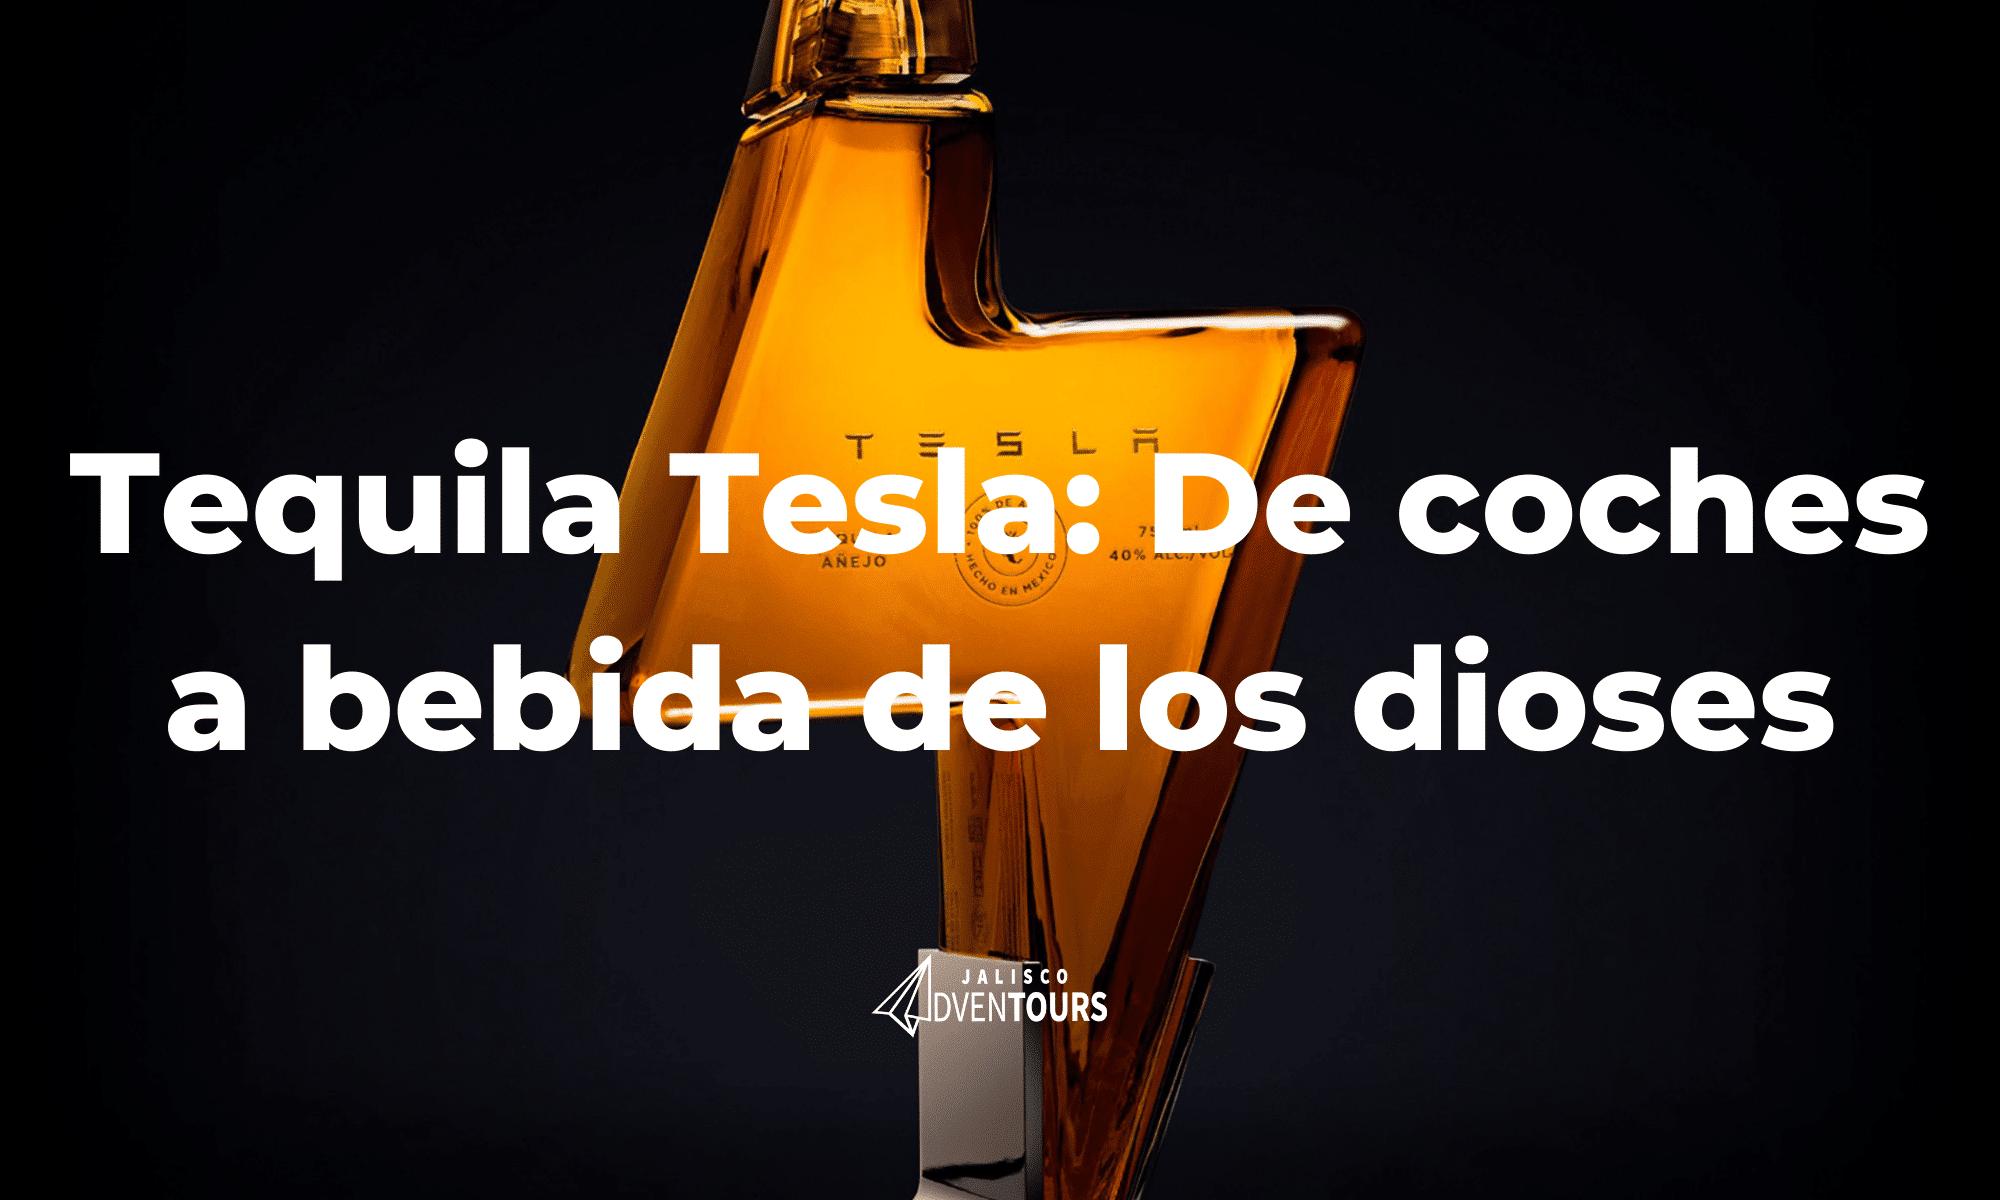 Tequila Tesla nuevo lanzamiento de Elon Musk